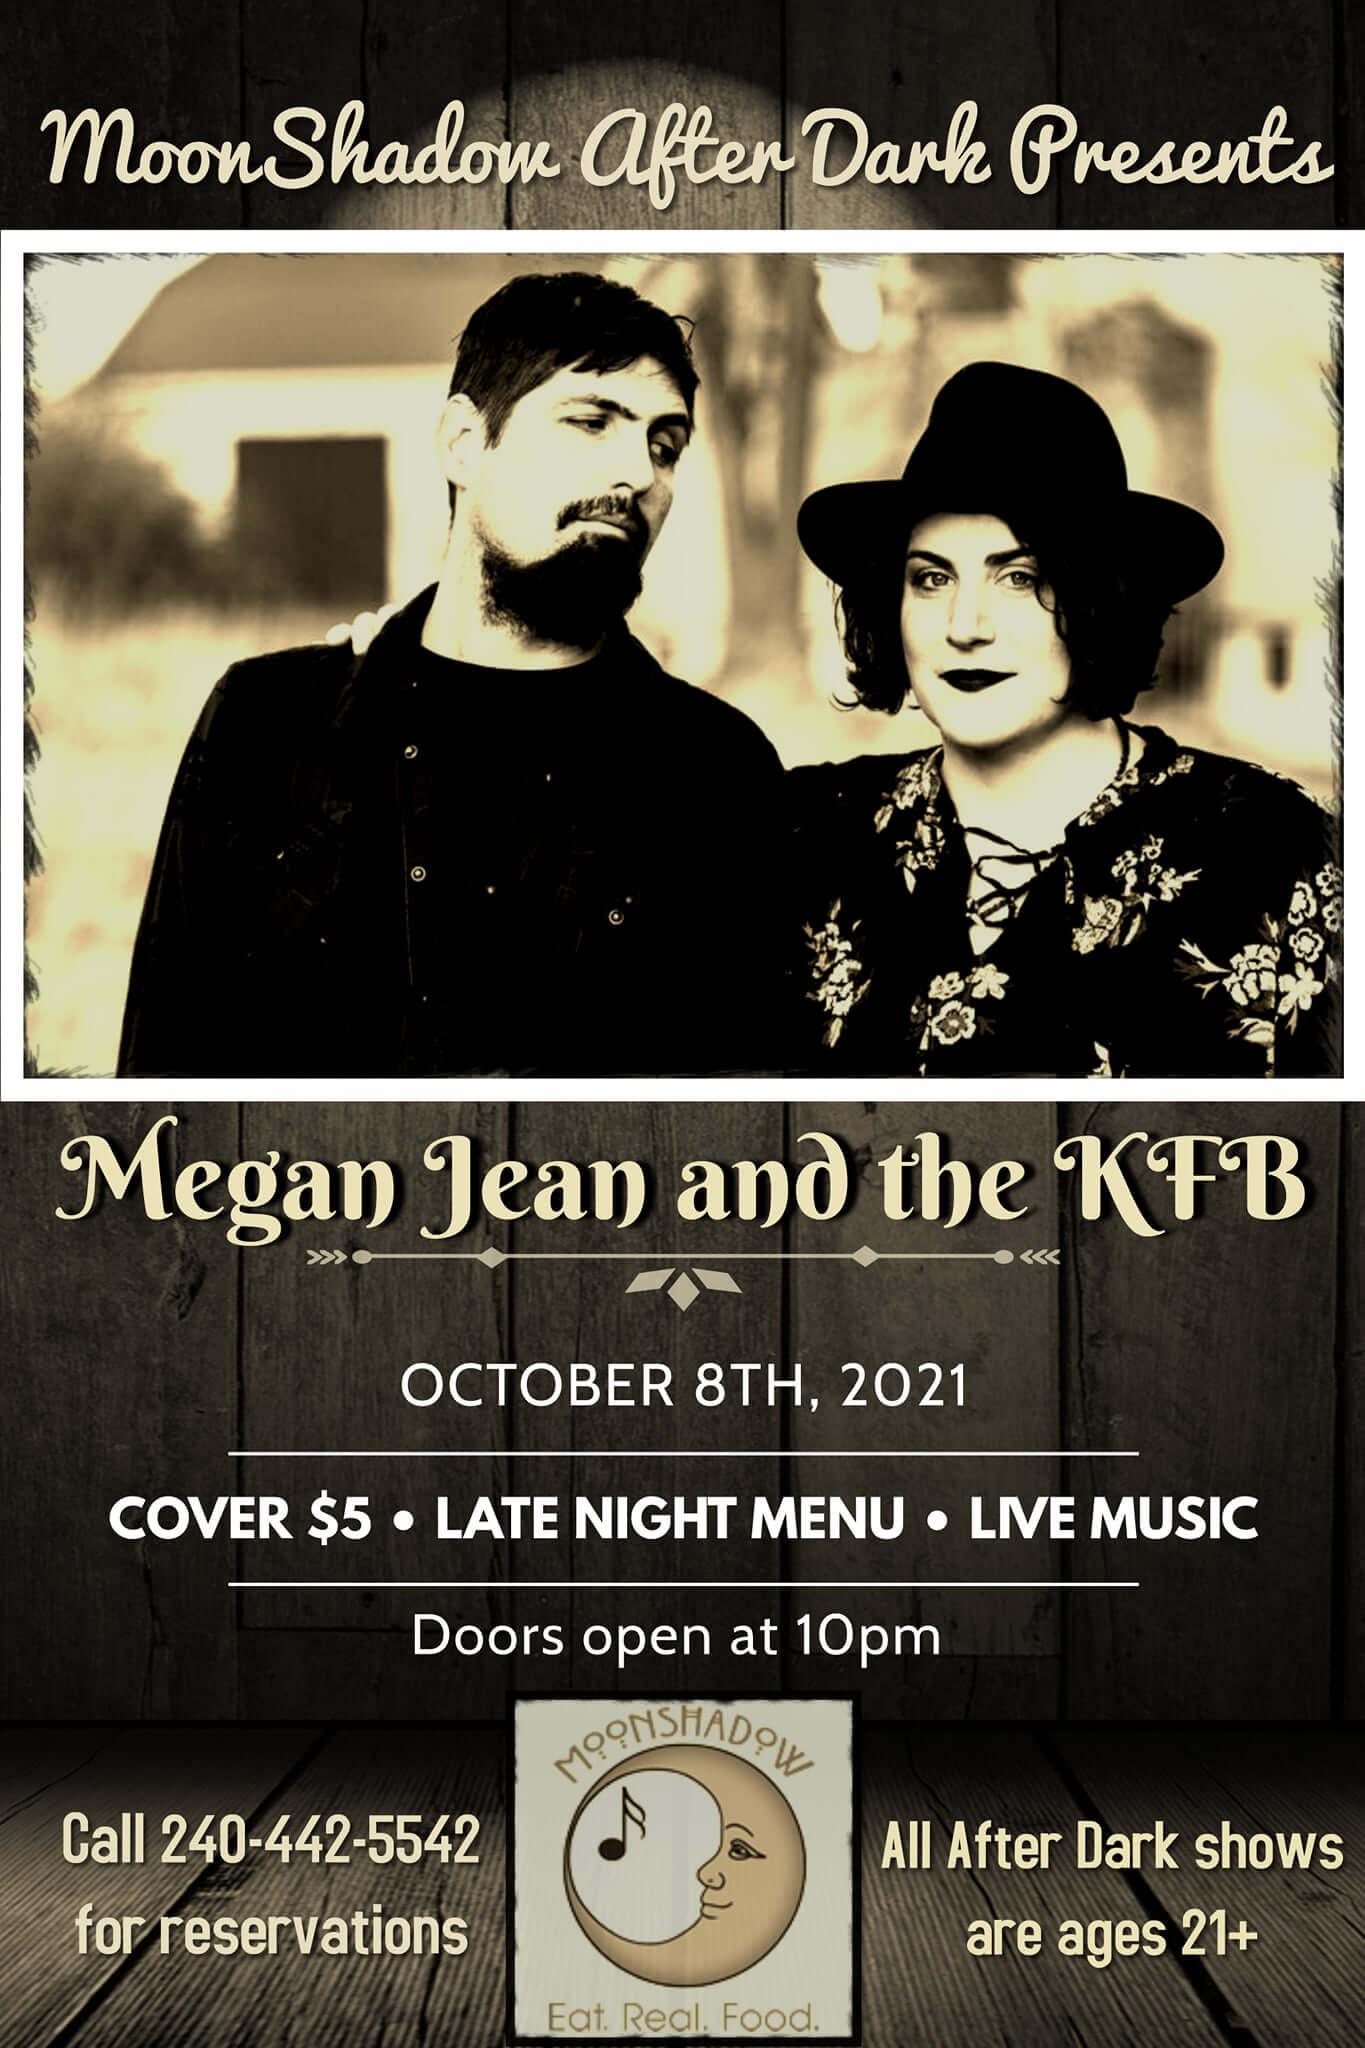 Megan Jean & the KFB at MoonShadow After Dark